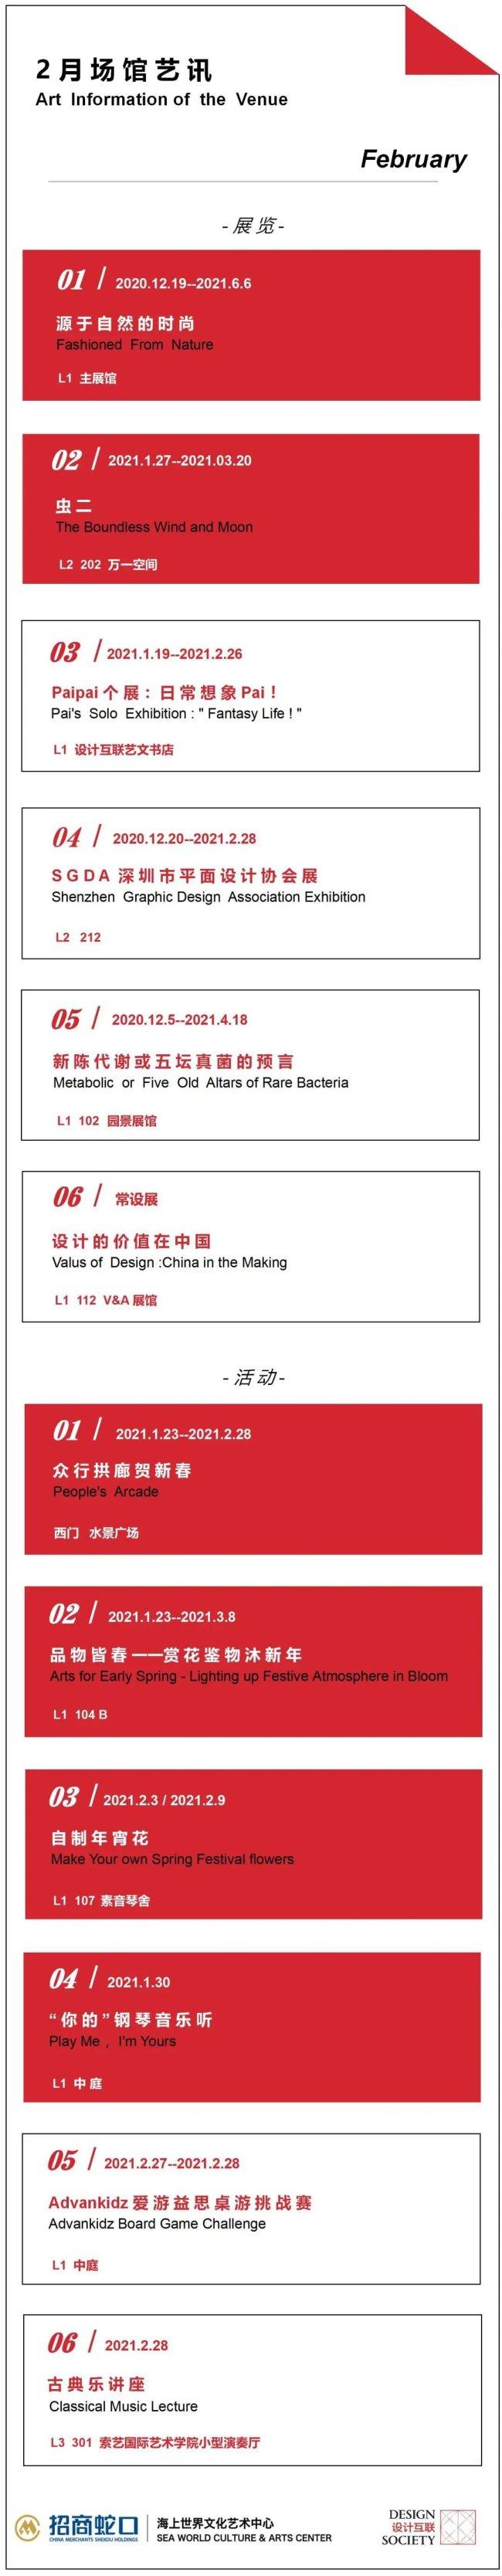 深圳海上世界文化艺术中心2月场馆艺讯 附活动时间和展览介绍